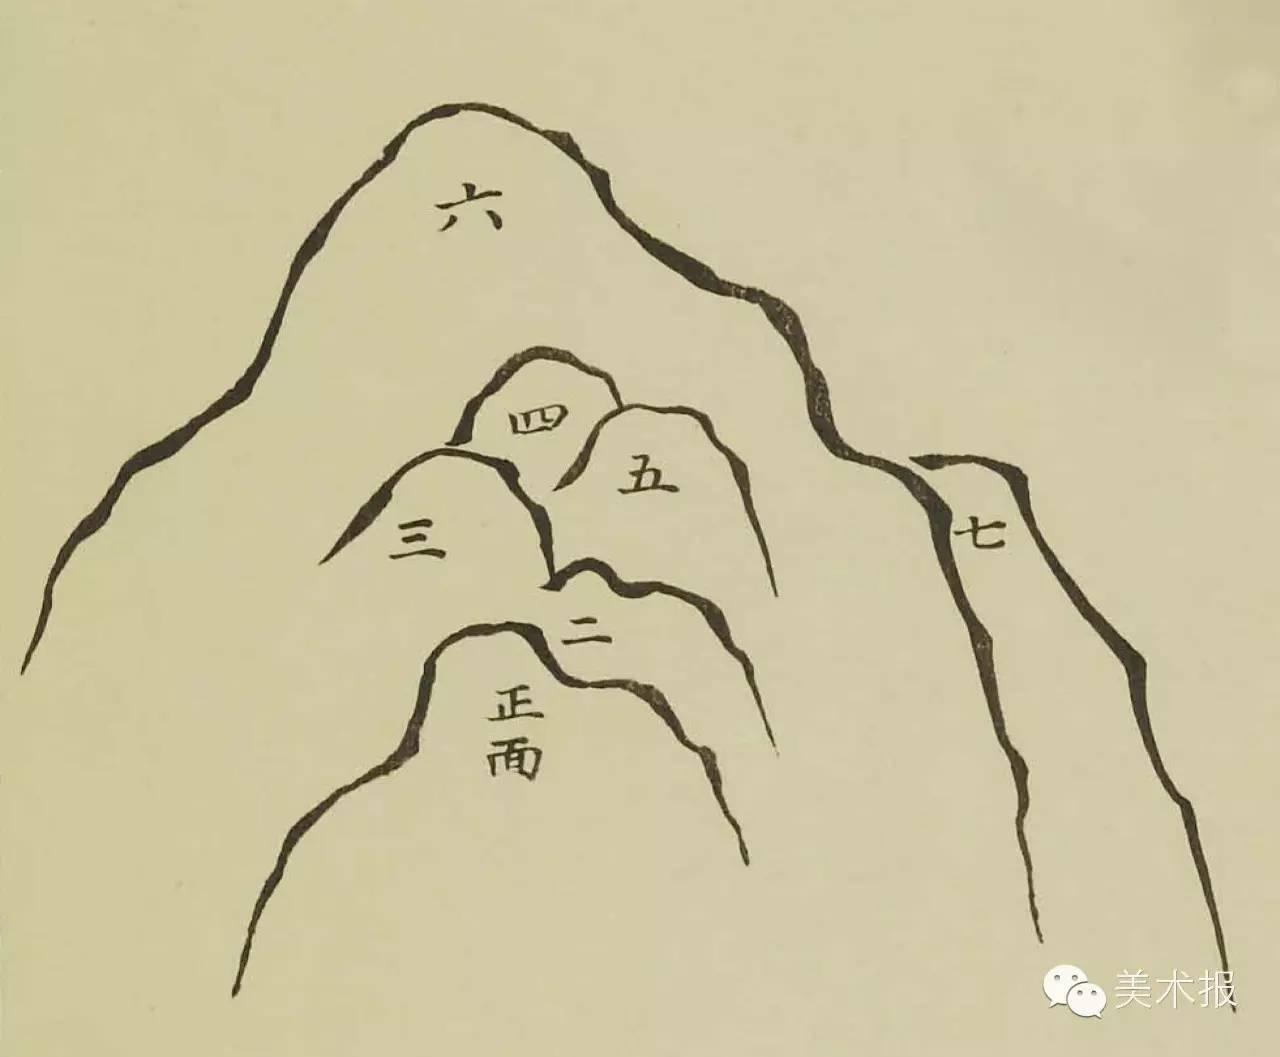 国画 简笔画 手绘 线稿 1280_1057